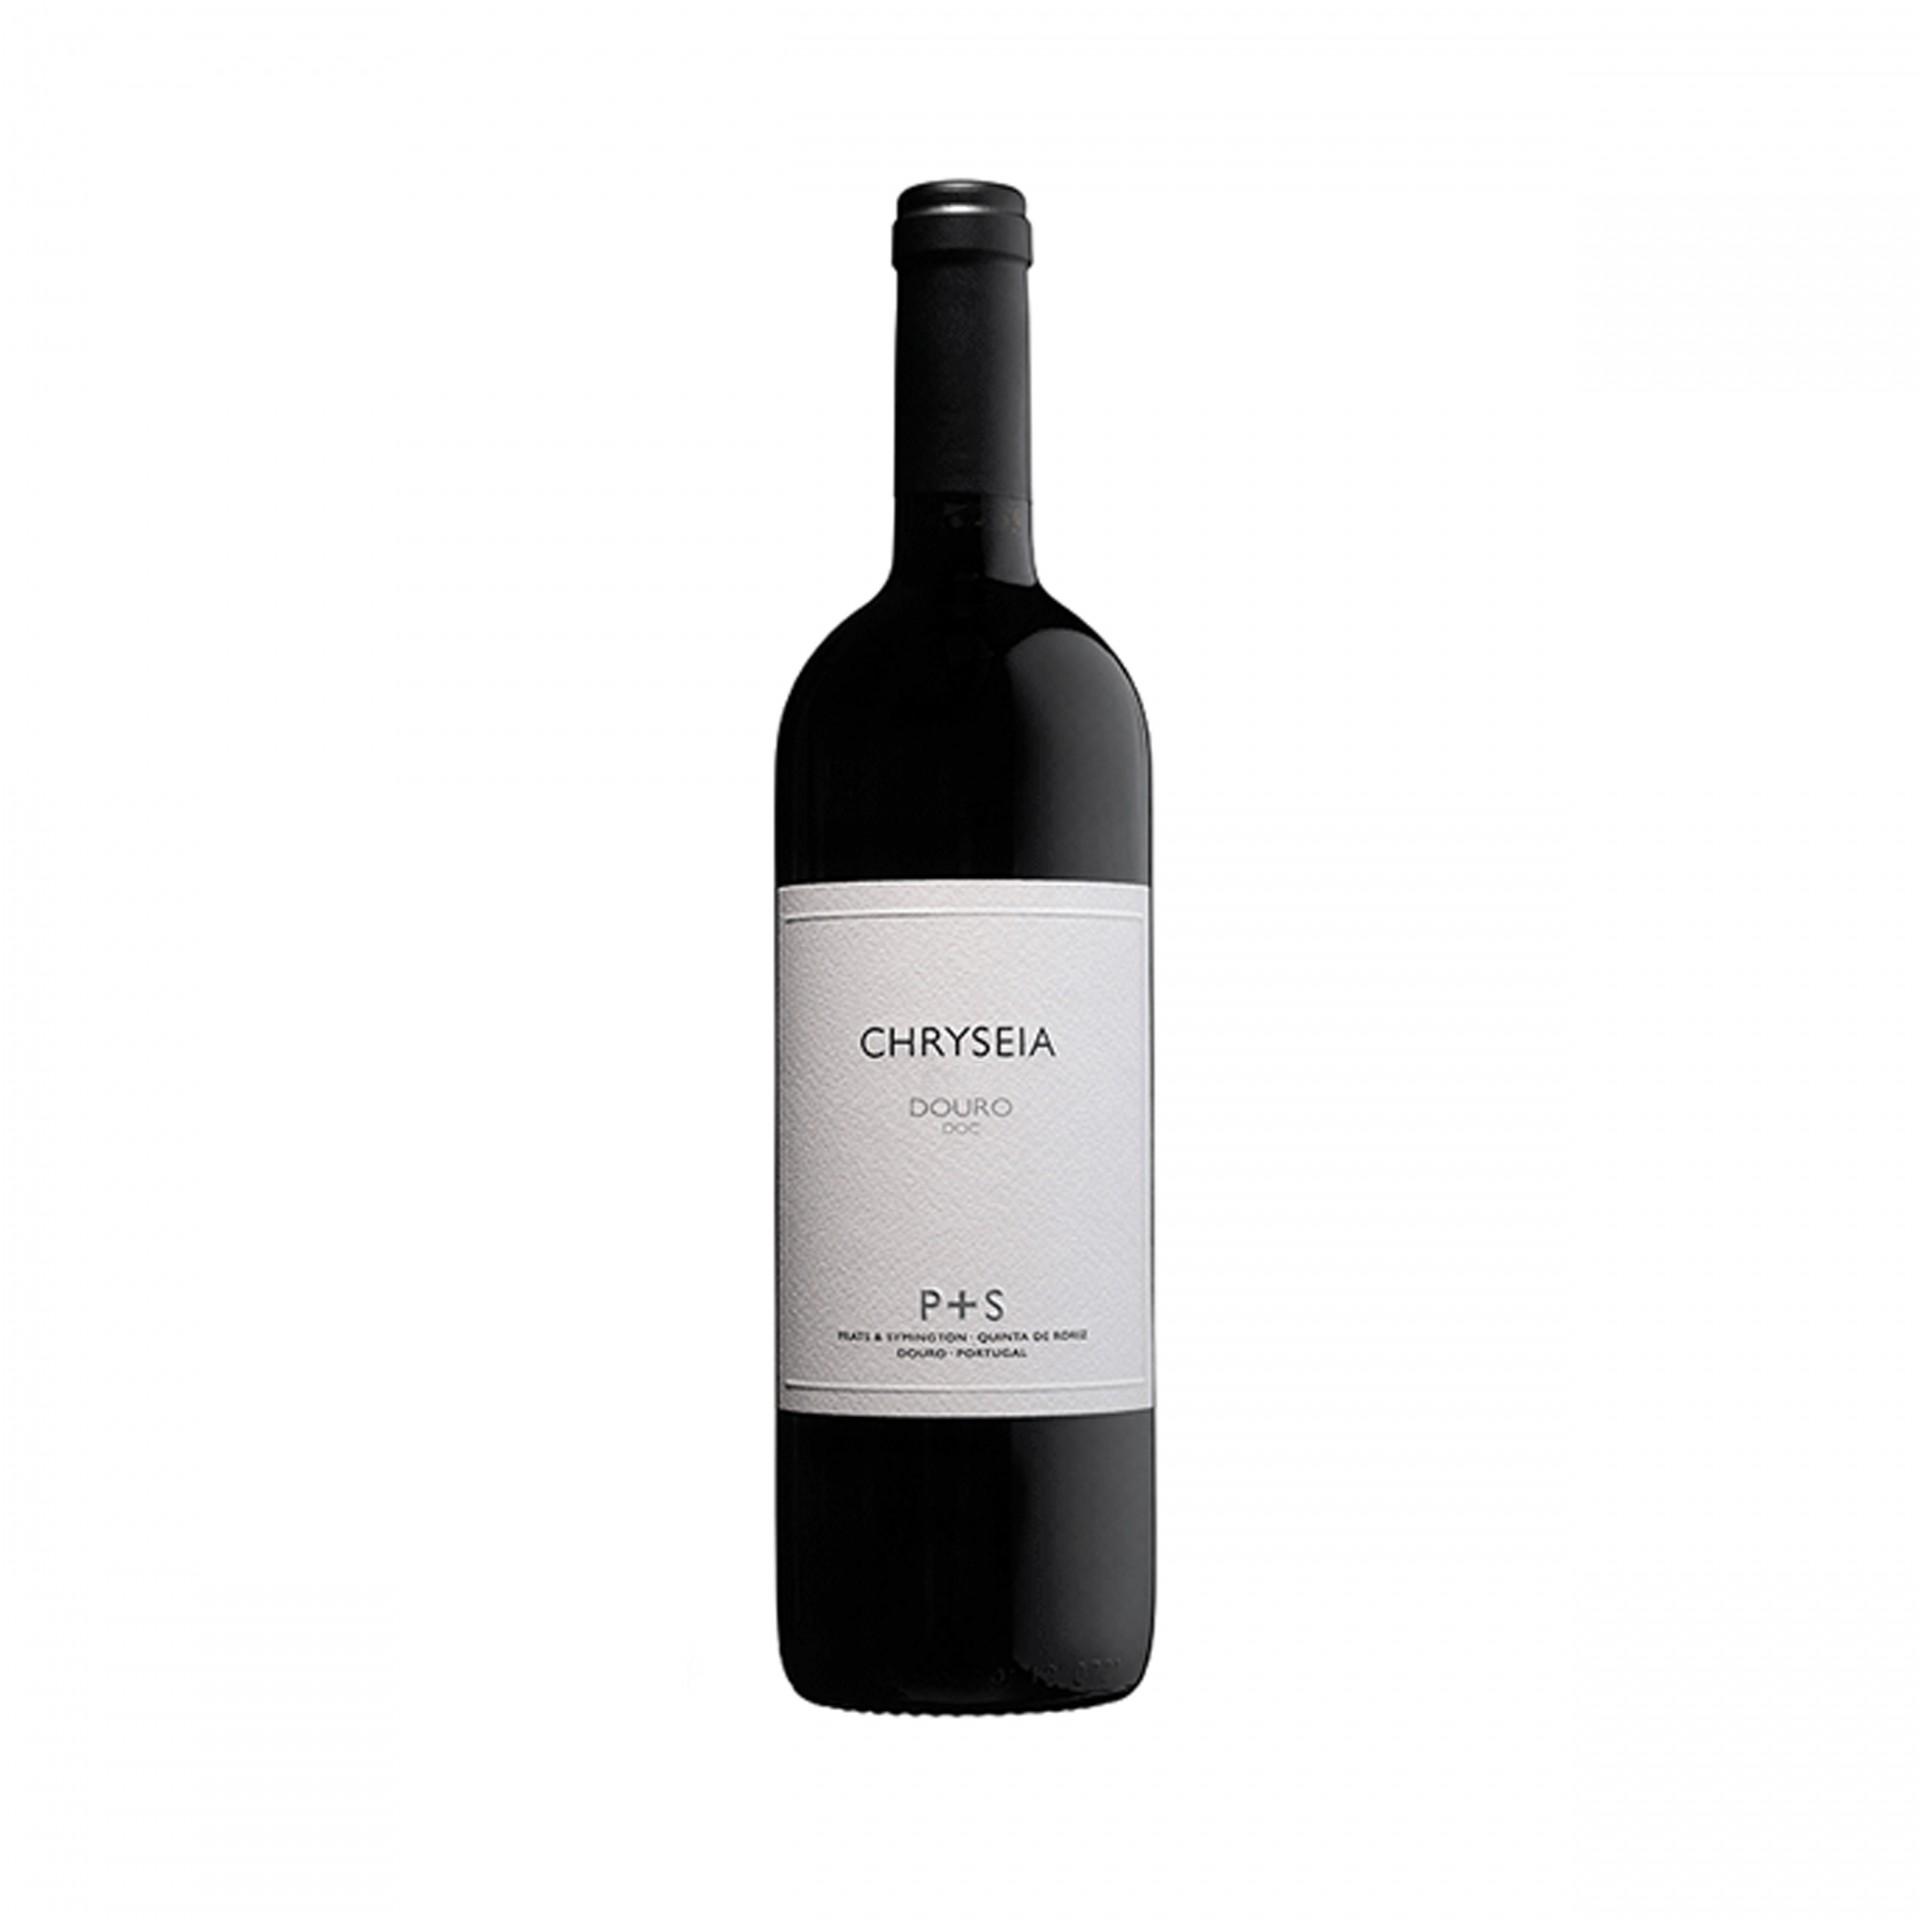 Chryseia 2015 Vinho Tinto Douro DOC